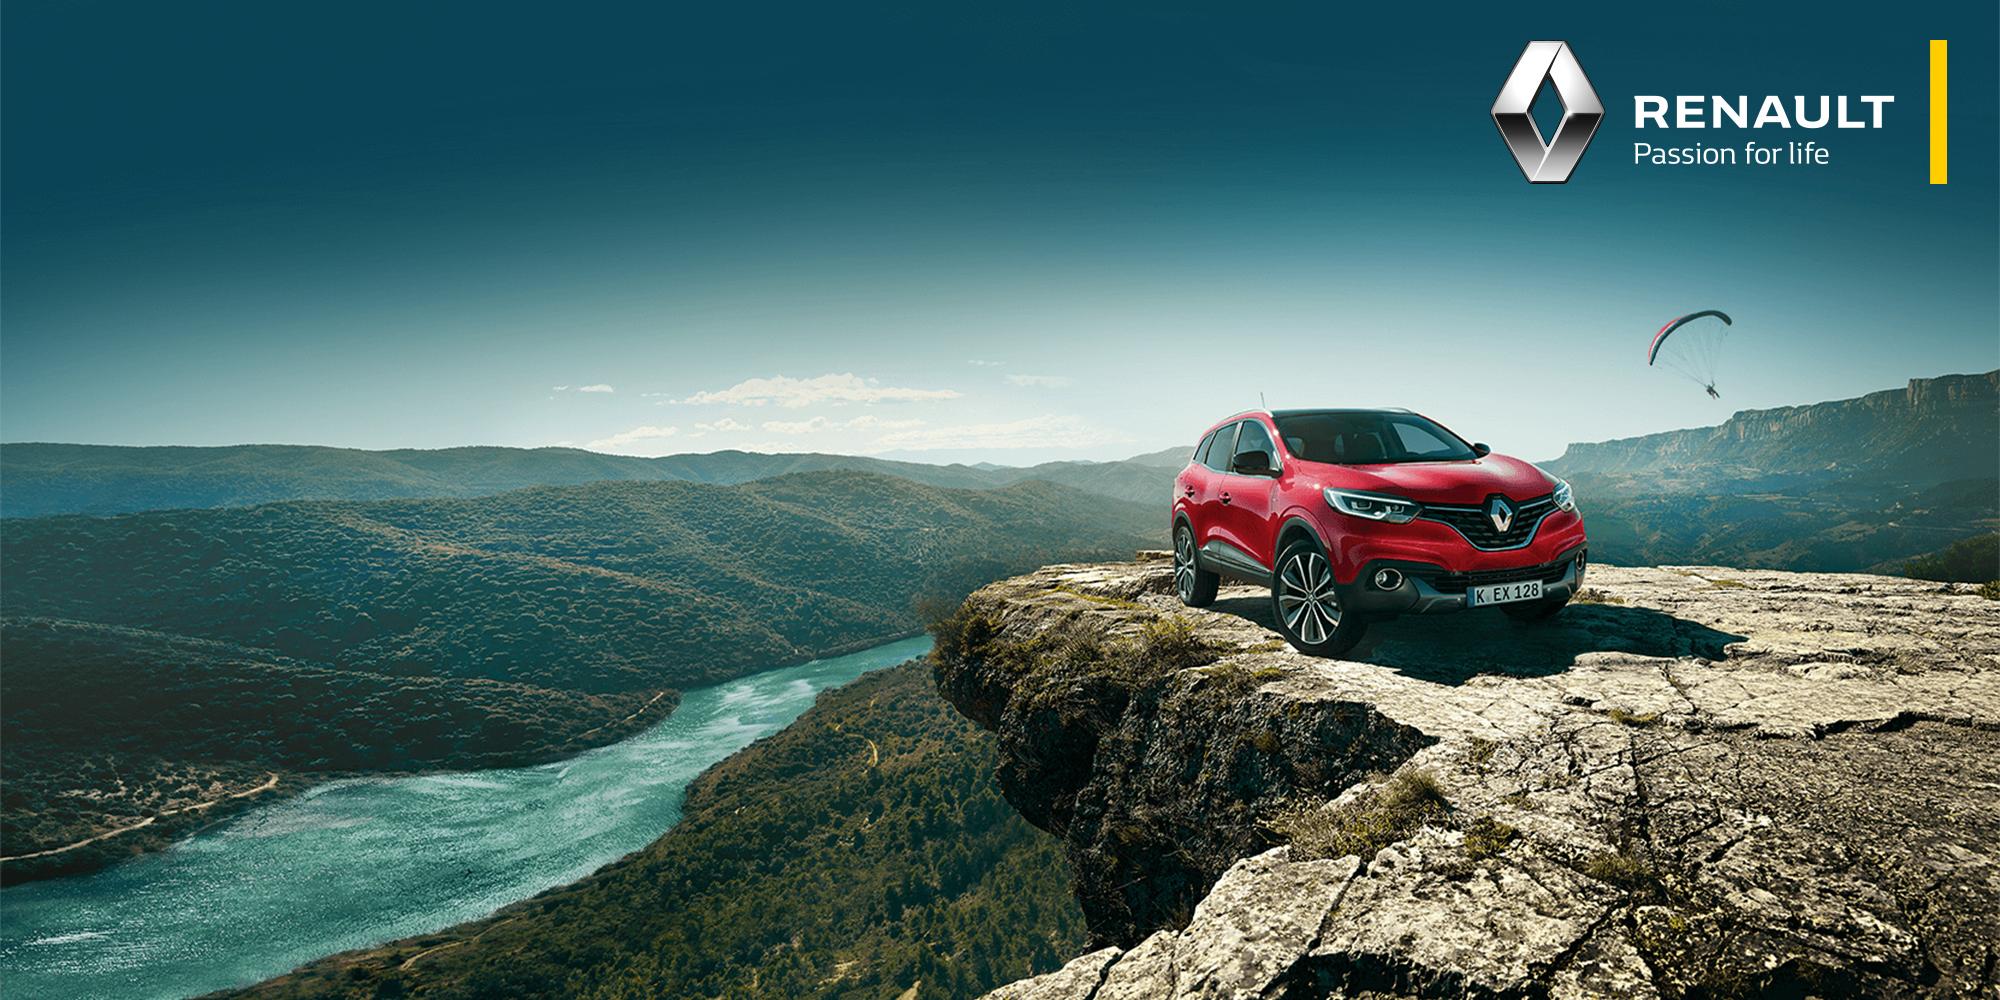 Die Marke Renault